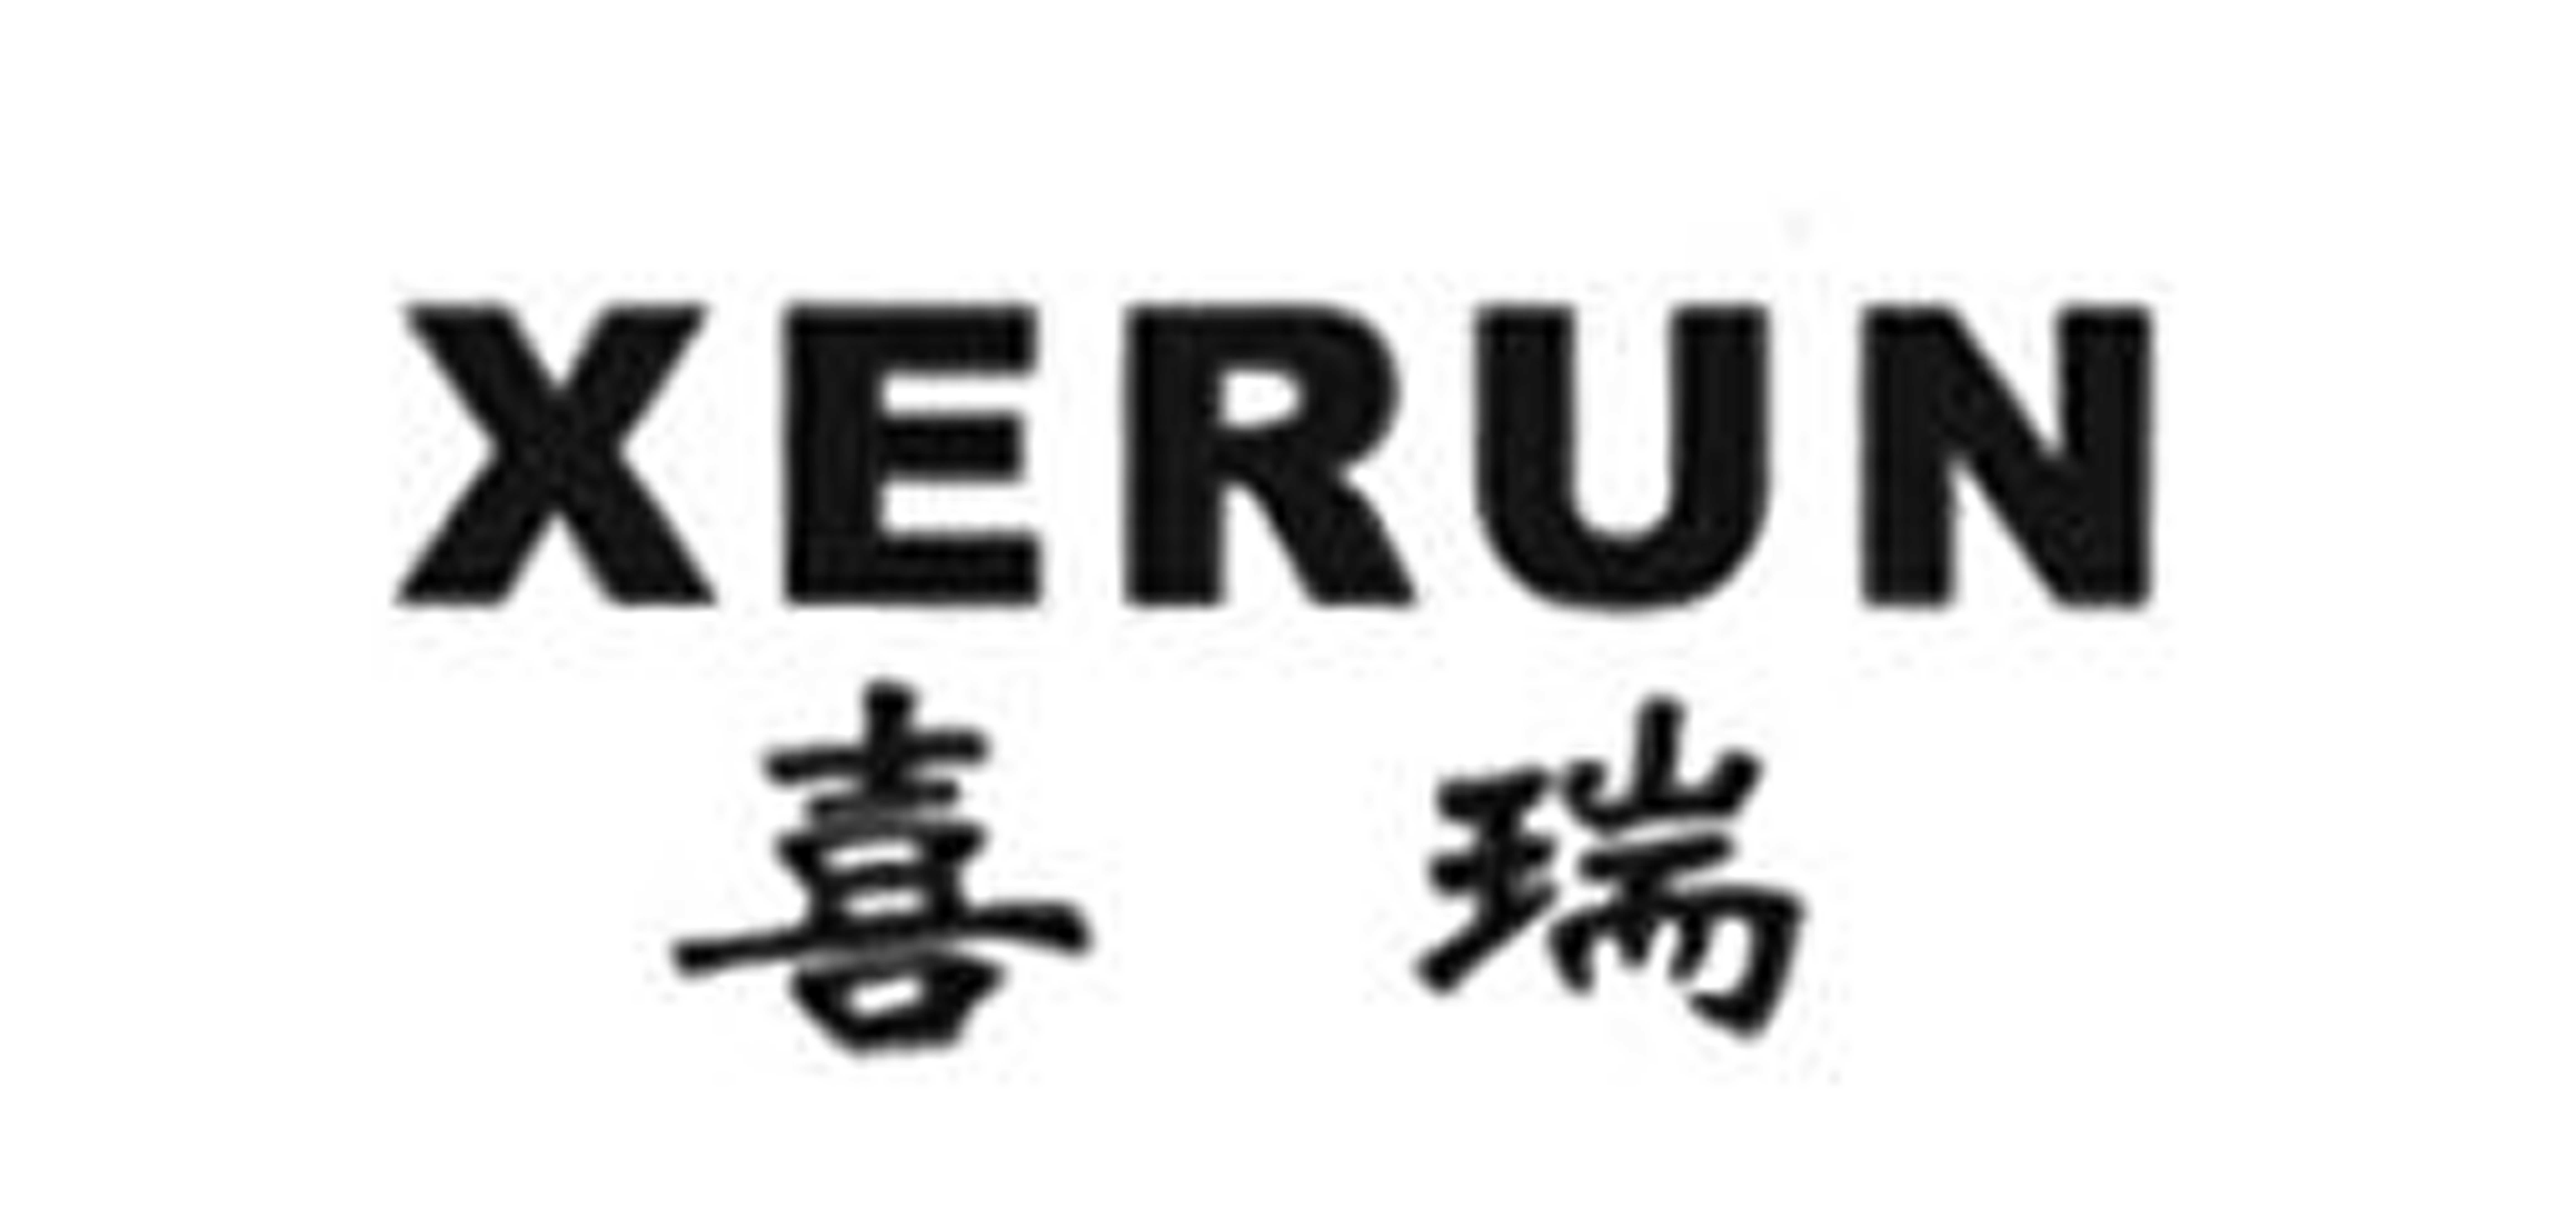 xerun是什么牌子_喜瑞品牌怎么样?